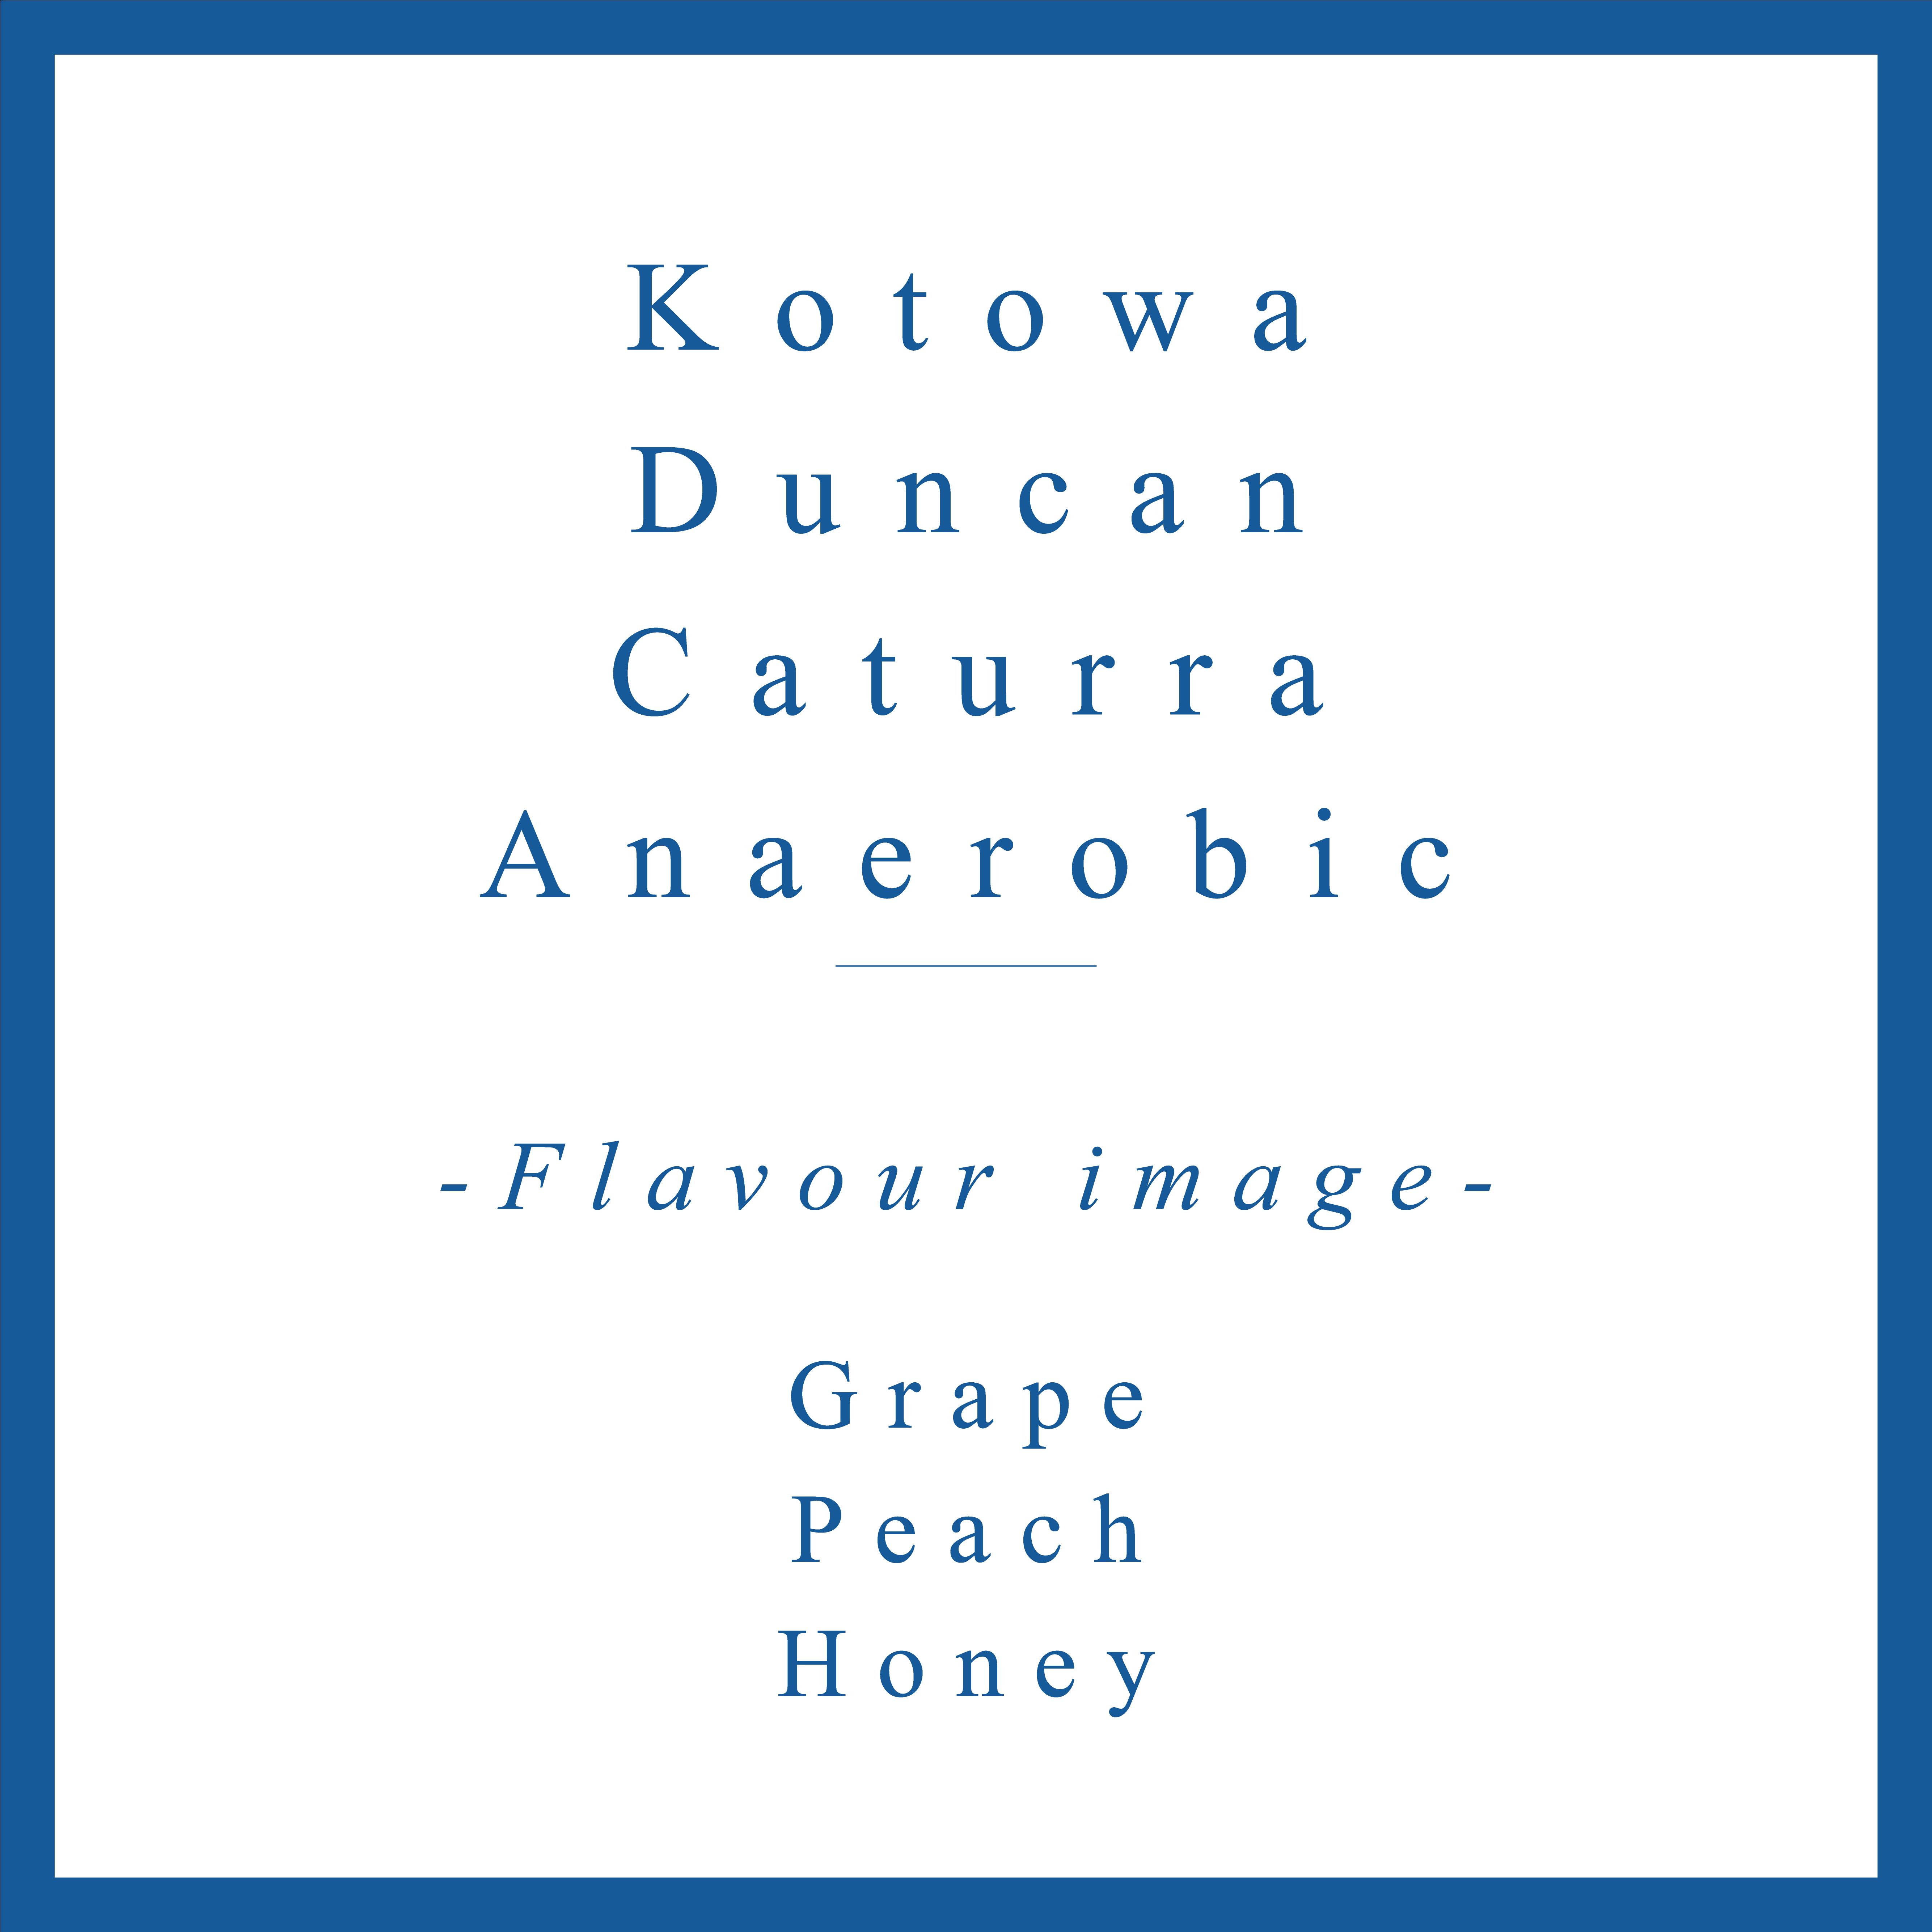 Kotowa Caturra Duncan Anaerobic